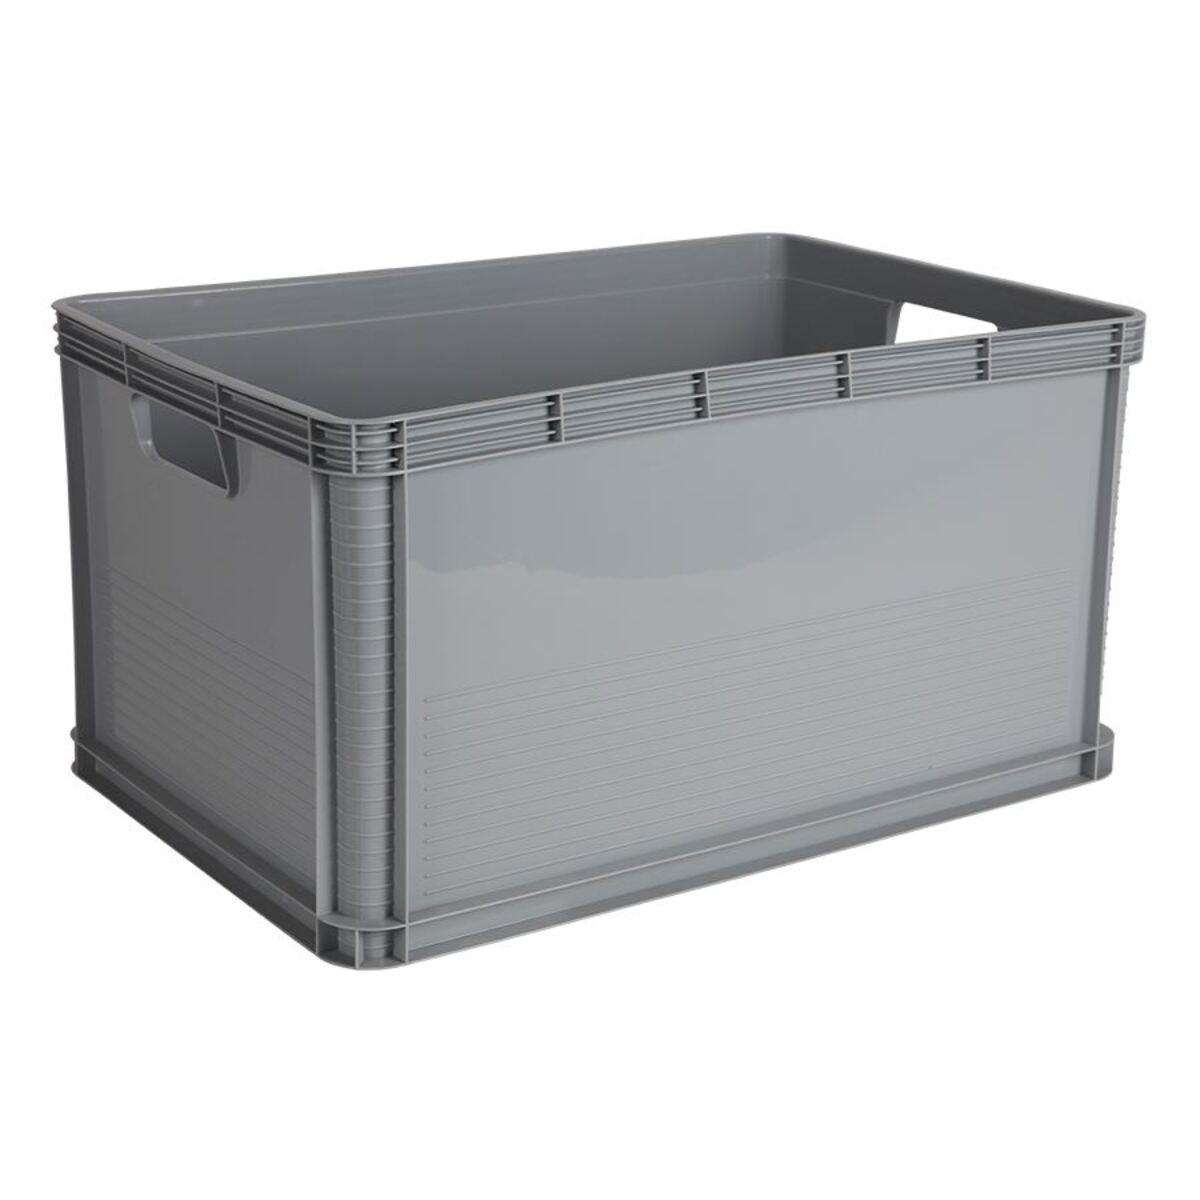 Bild 5 von Robusto-Box 64 Liter